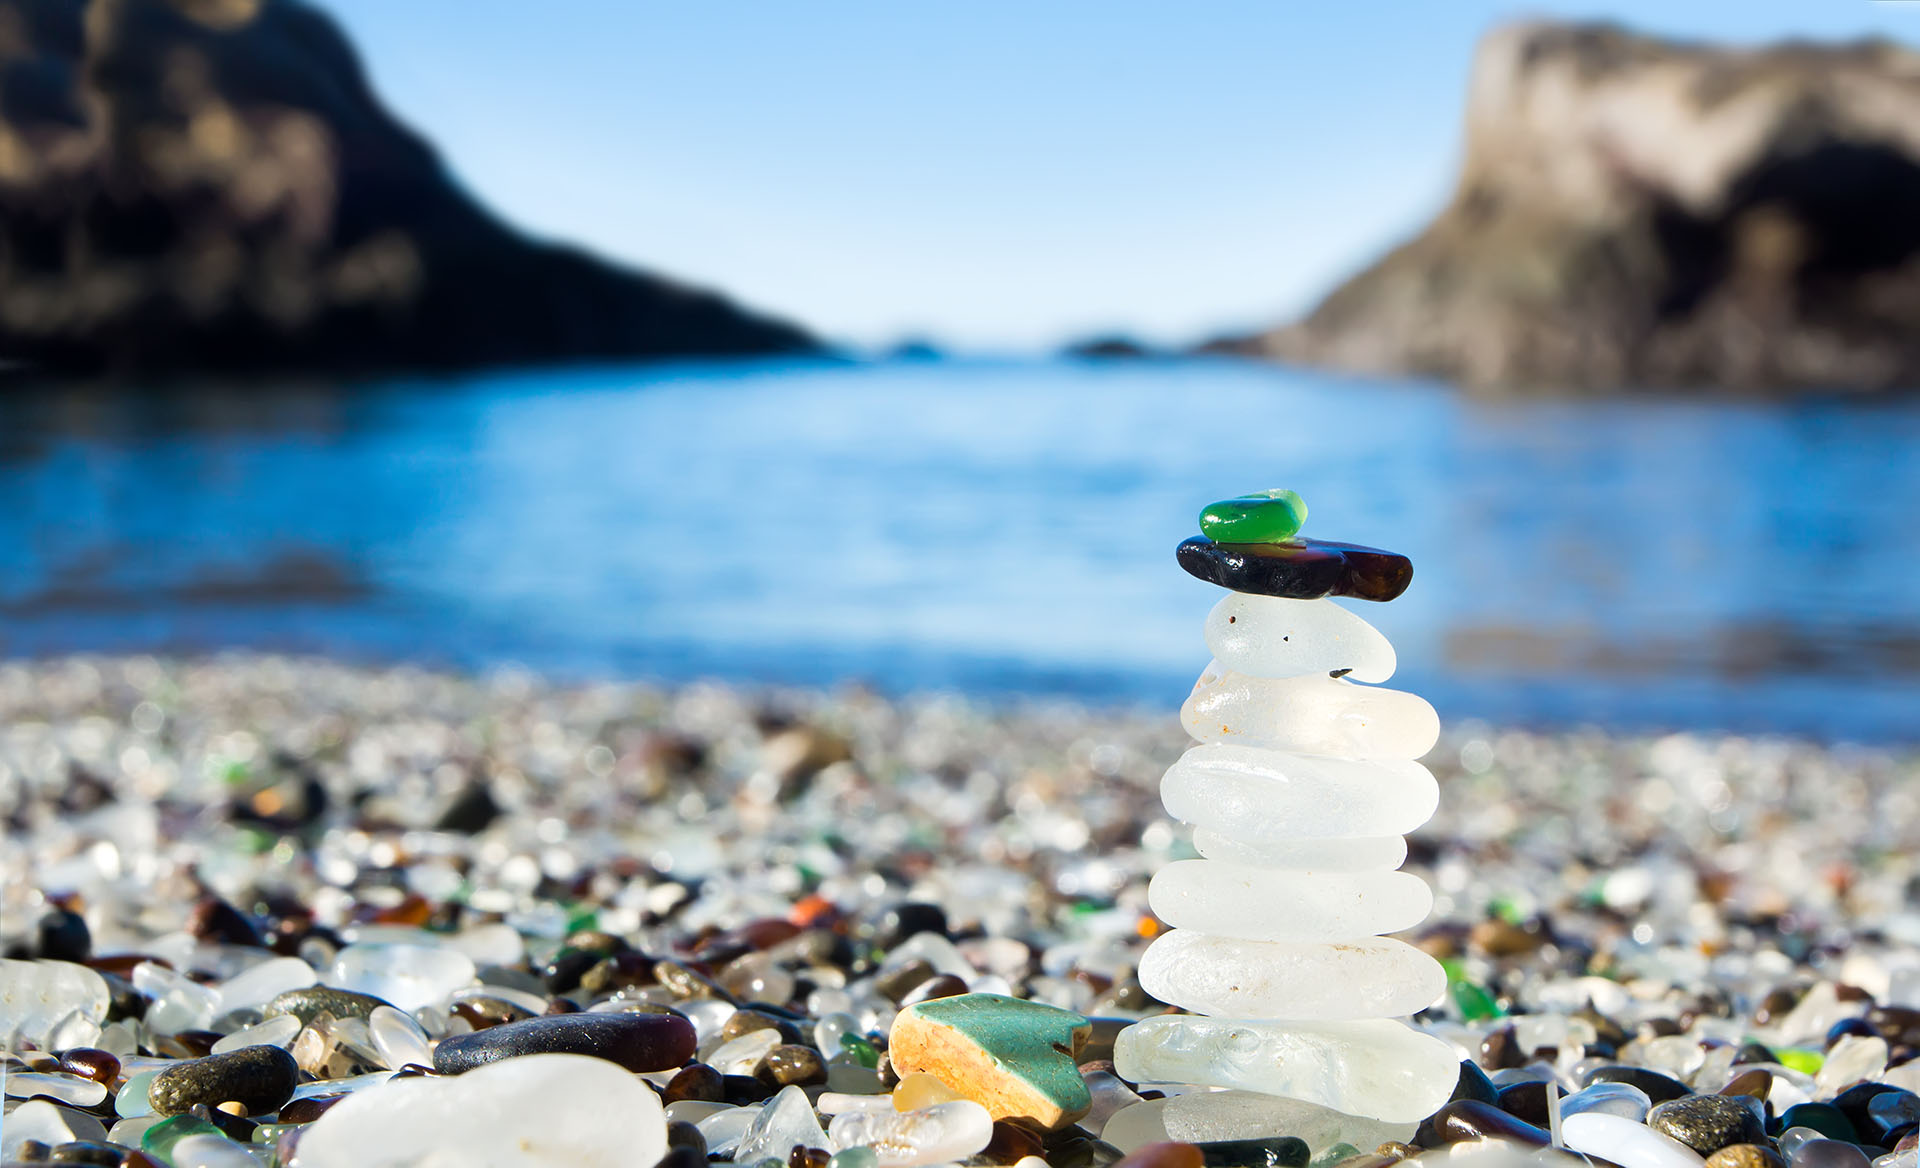 """""""Playa de vidrio"""", así fue bautizada esta playa californiana que esta plagada de piezas de vidrio lisas y coloridas en su orilla. Antes, esta playa era un vertedero local, pero conforme pasó el tiempo, el vidrio se convirtió en piedras preciosas y la playa ahora es un lugar protegido"""